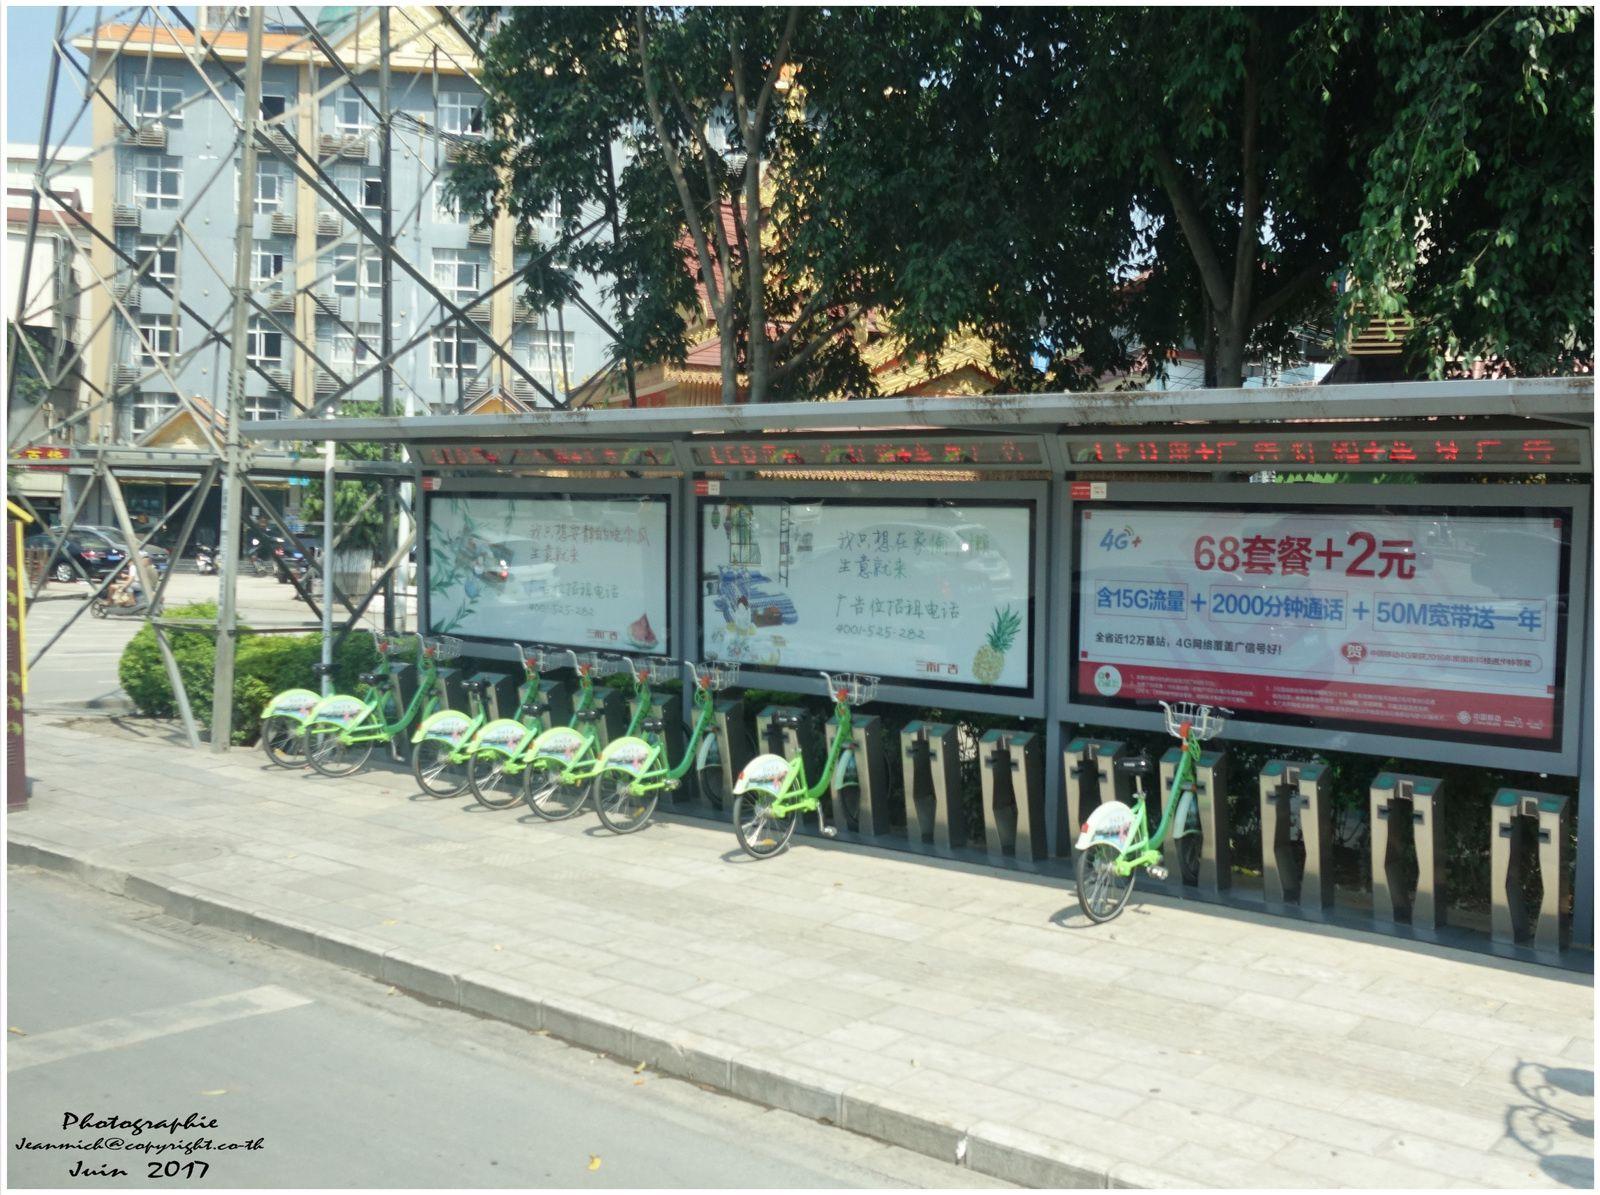 Les dernières photos de Xishuangbanna (Yunnan, Chine)